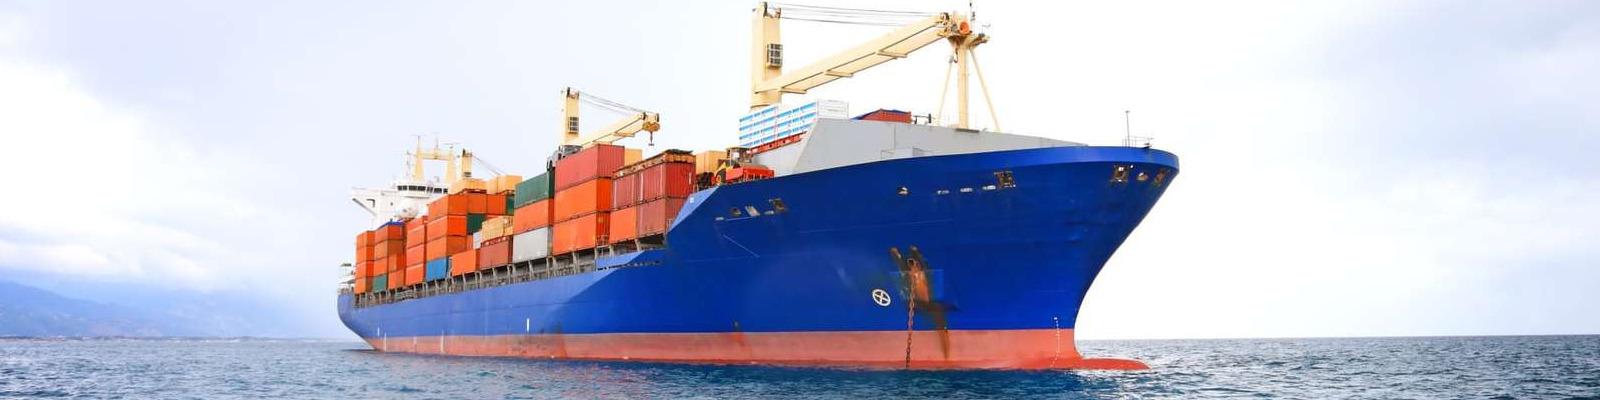 توقف 25 روزه واردات و اختلاف نظر بانک مرکزی و وزارت صنعت